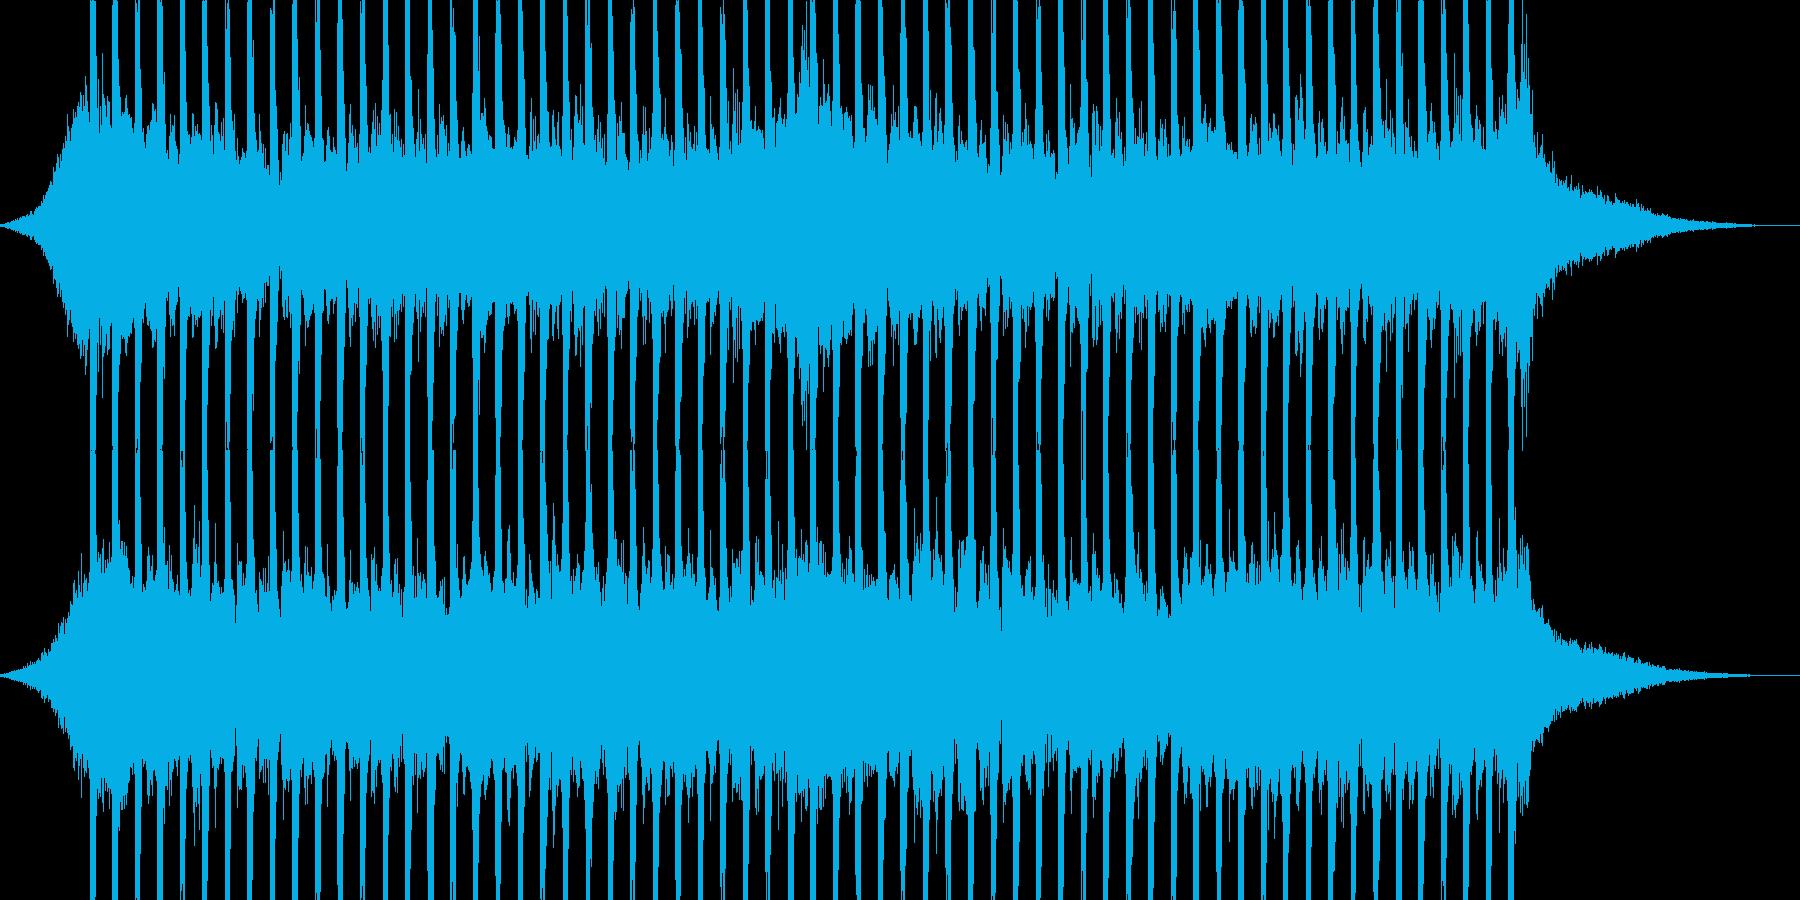 企業VP向け、爽やかポップ4つ打ち4-2の再生済みの波形